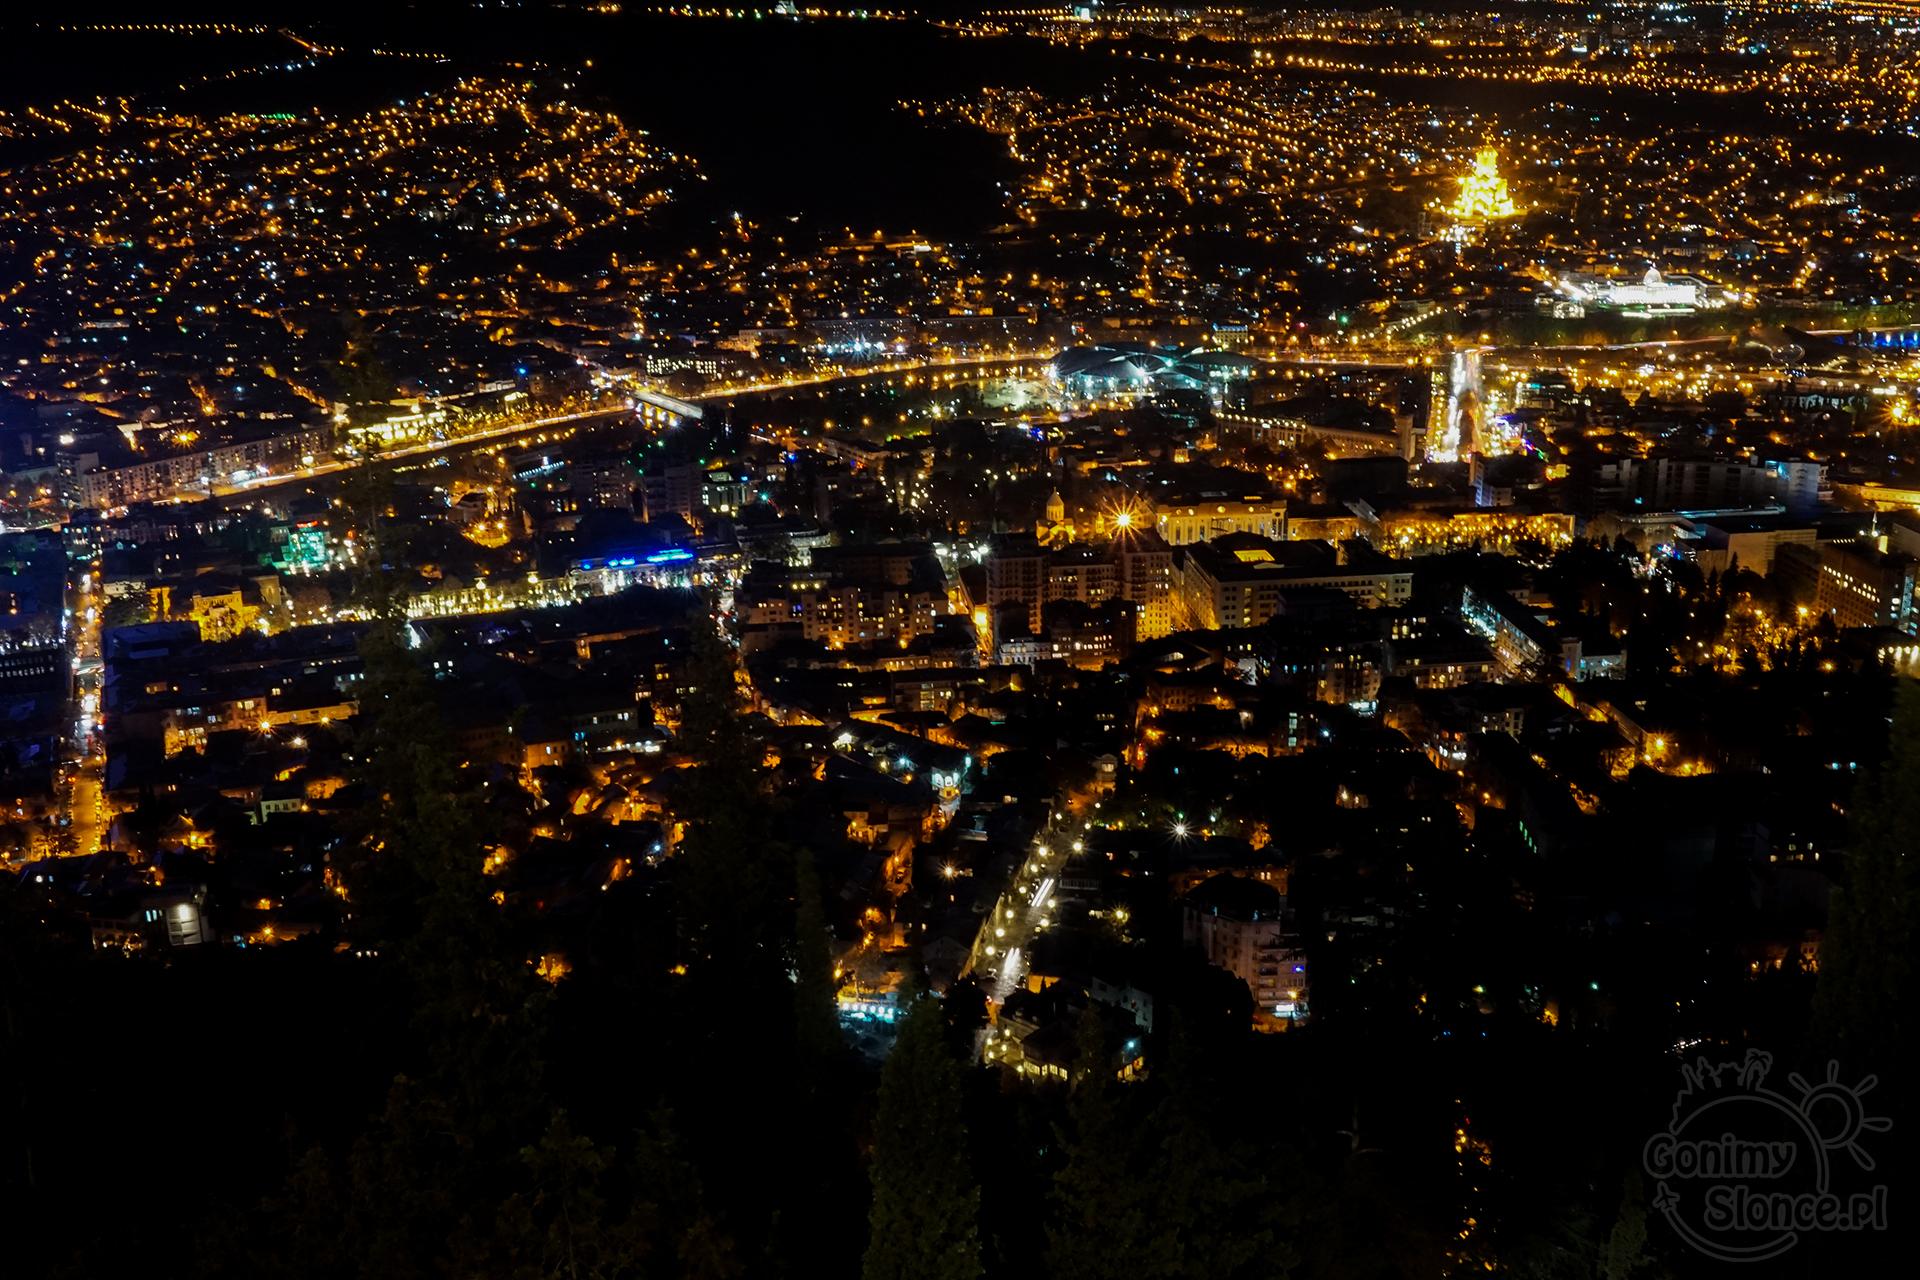 Nocne Tbilisi - widok z Góry Mtatsminda, Sobór Trójcy Świętej